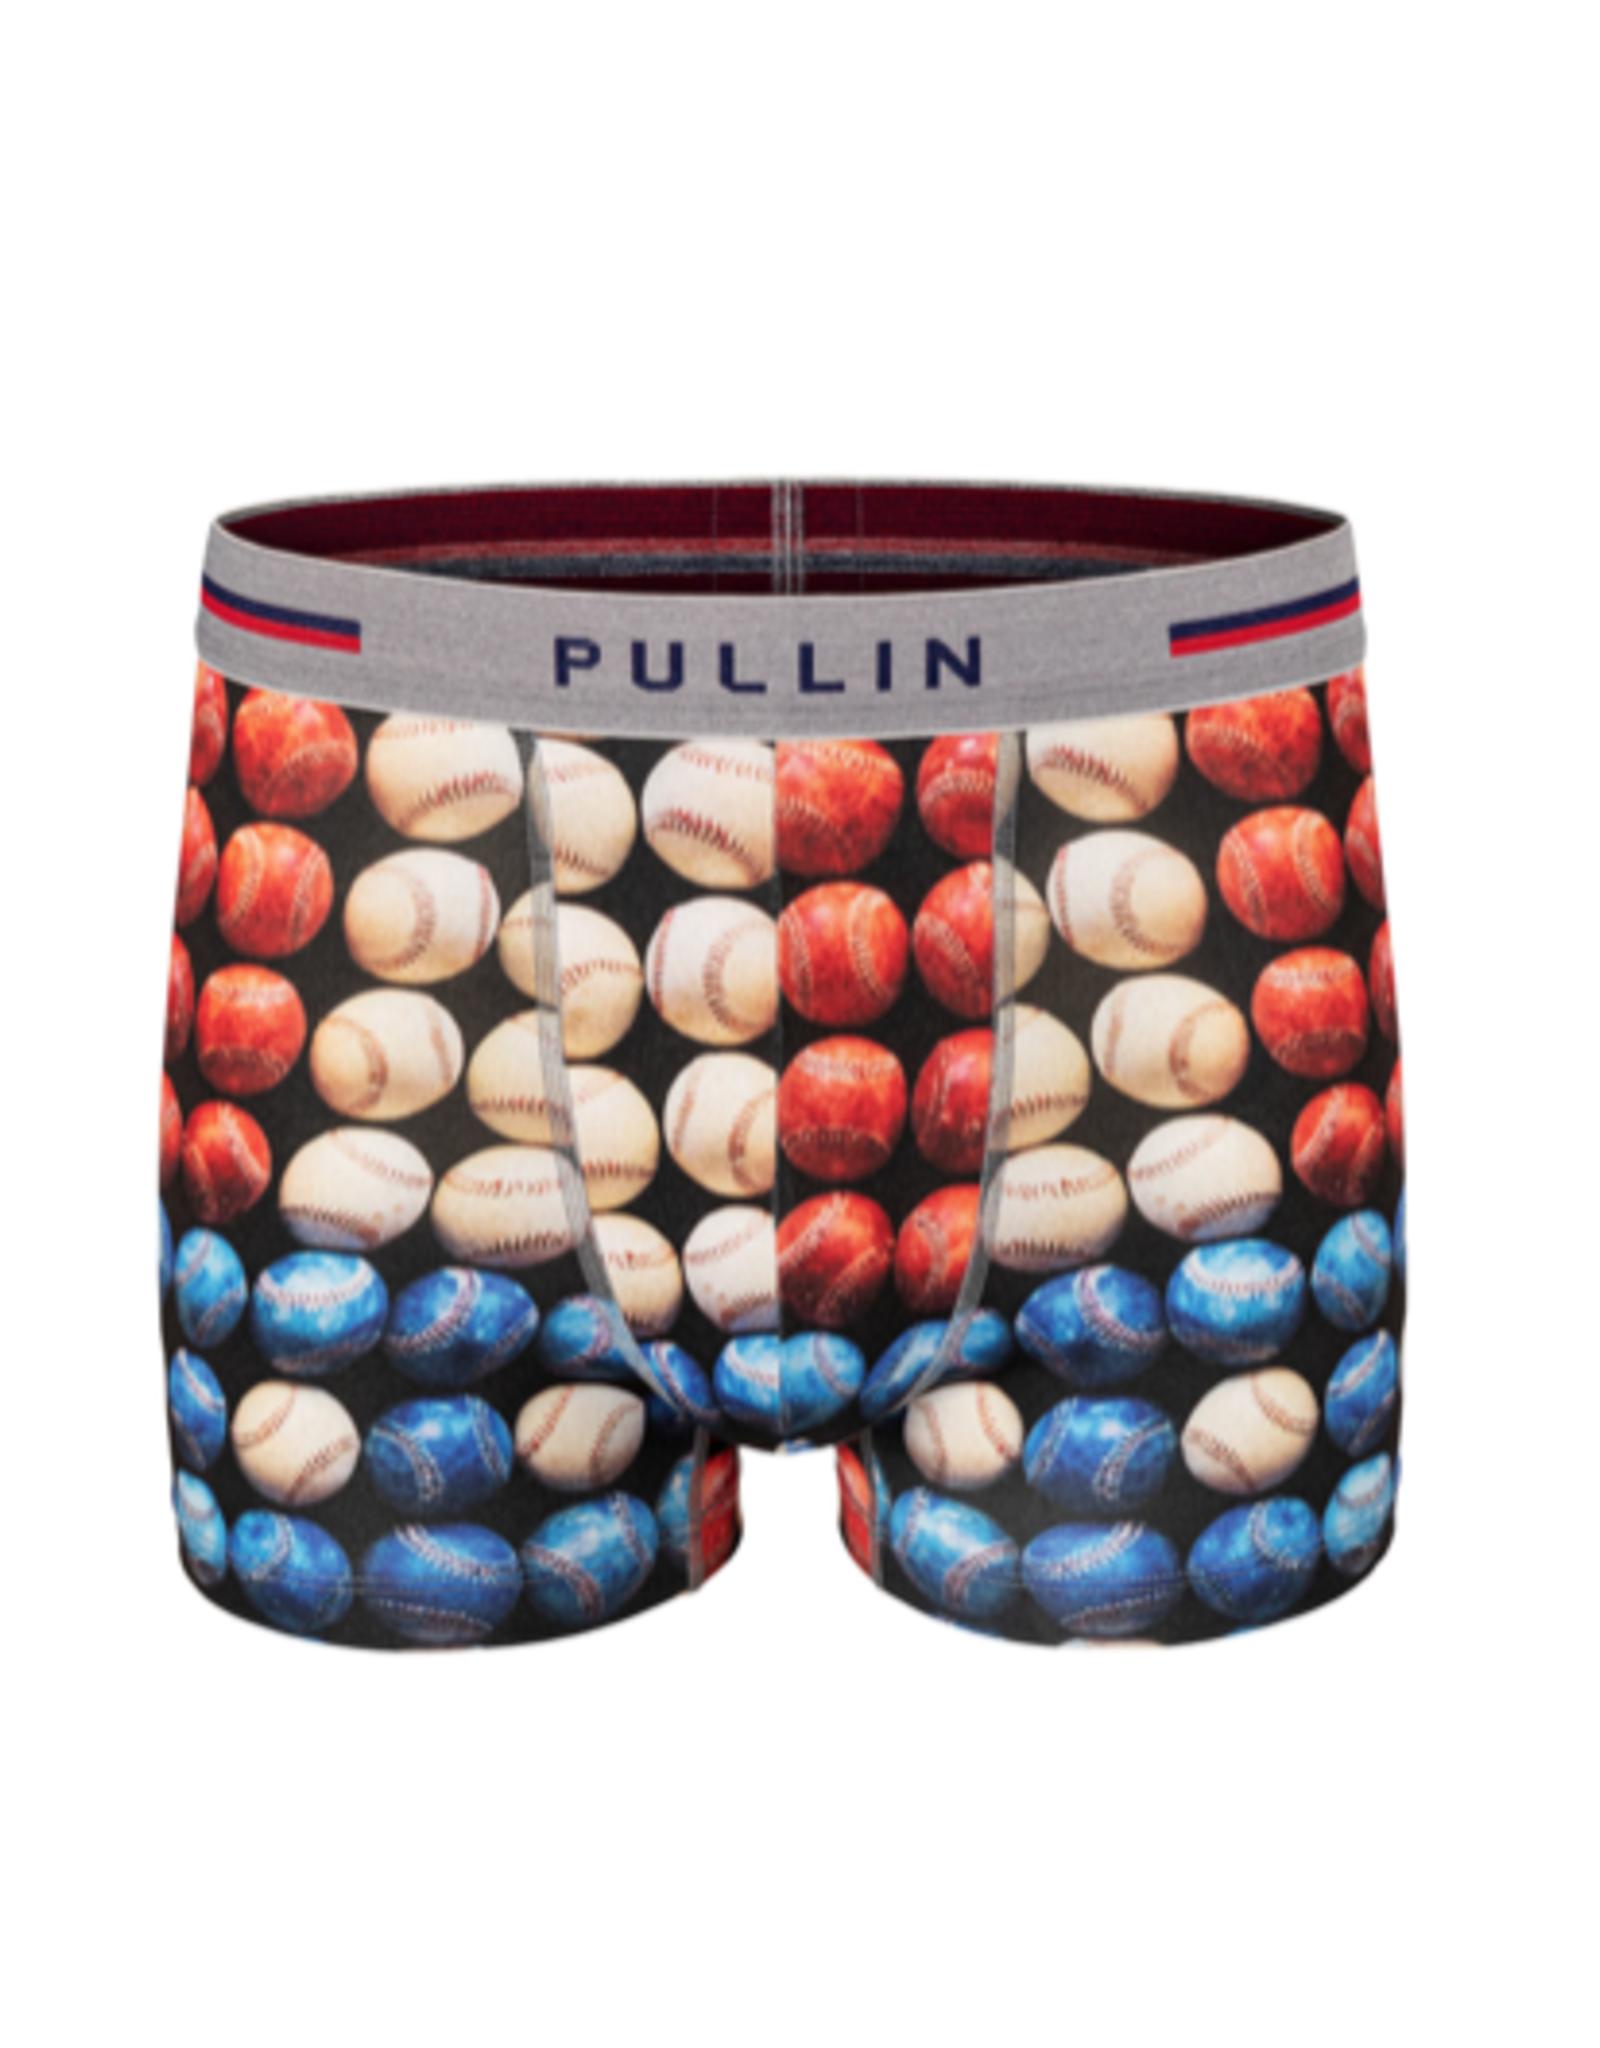 Pullin Master USA BALLS